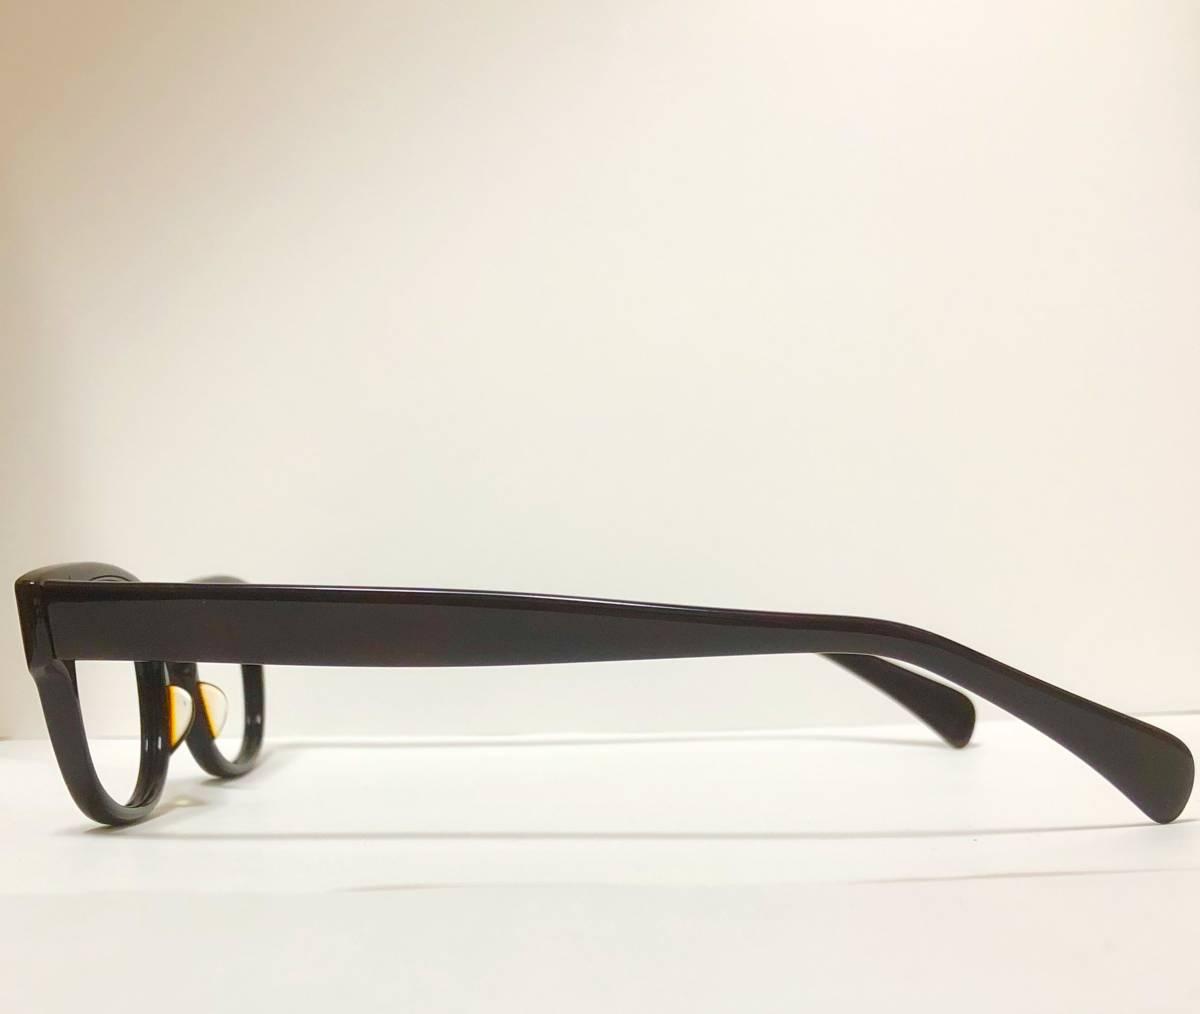 新品・1960年代頃】アメリカンオプティカル All純正 AO メガネ American Optical 米国製 ビンテージ ヴィンテージ_画像5